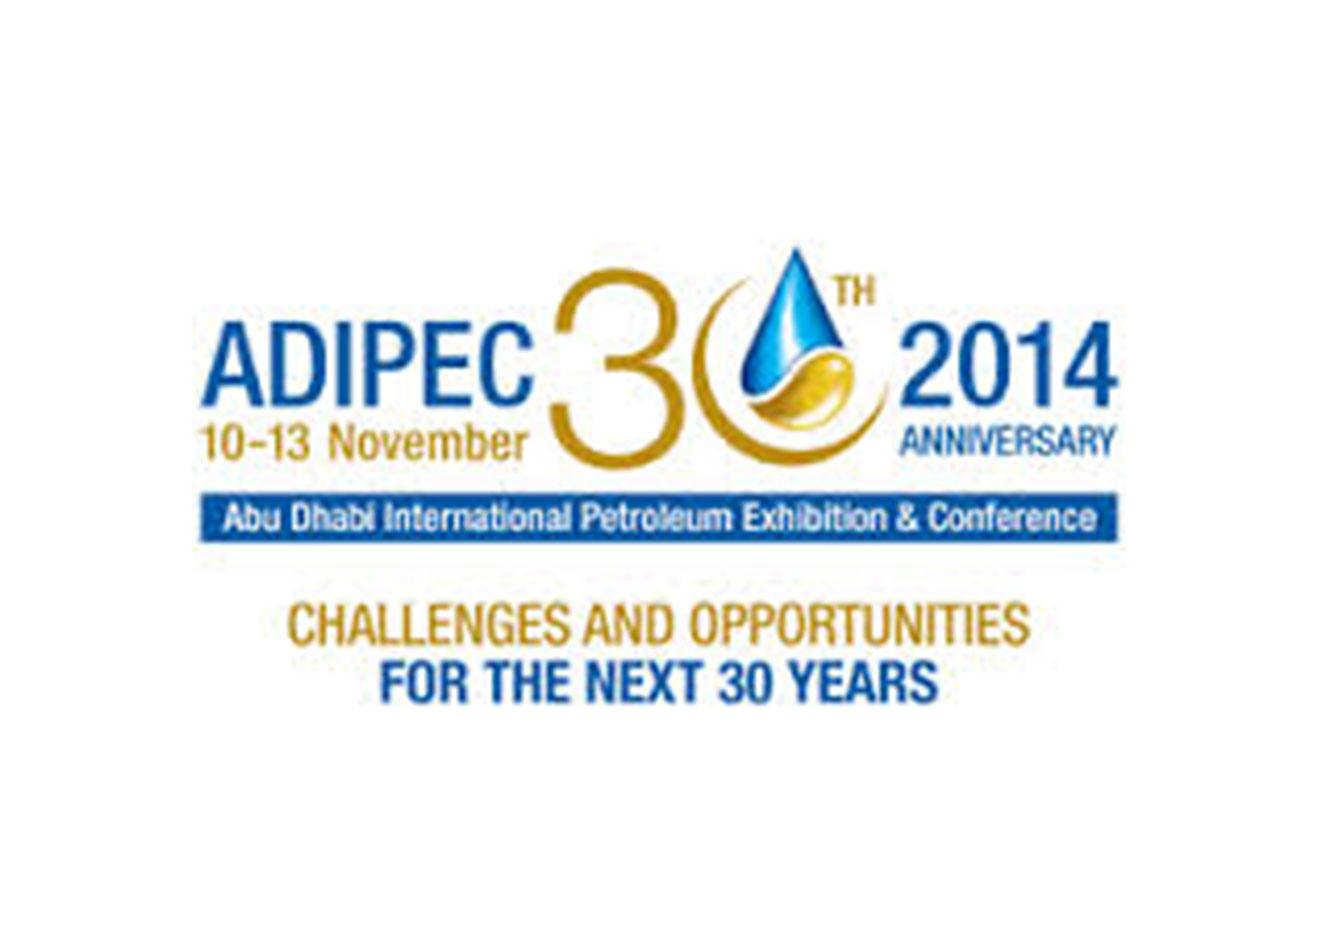 3D alignment services at ADIPEC 2014